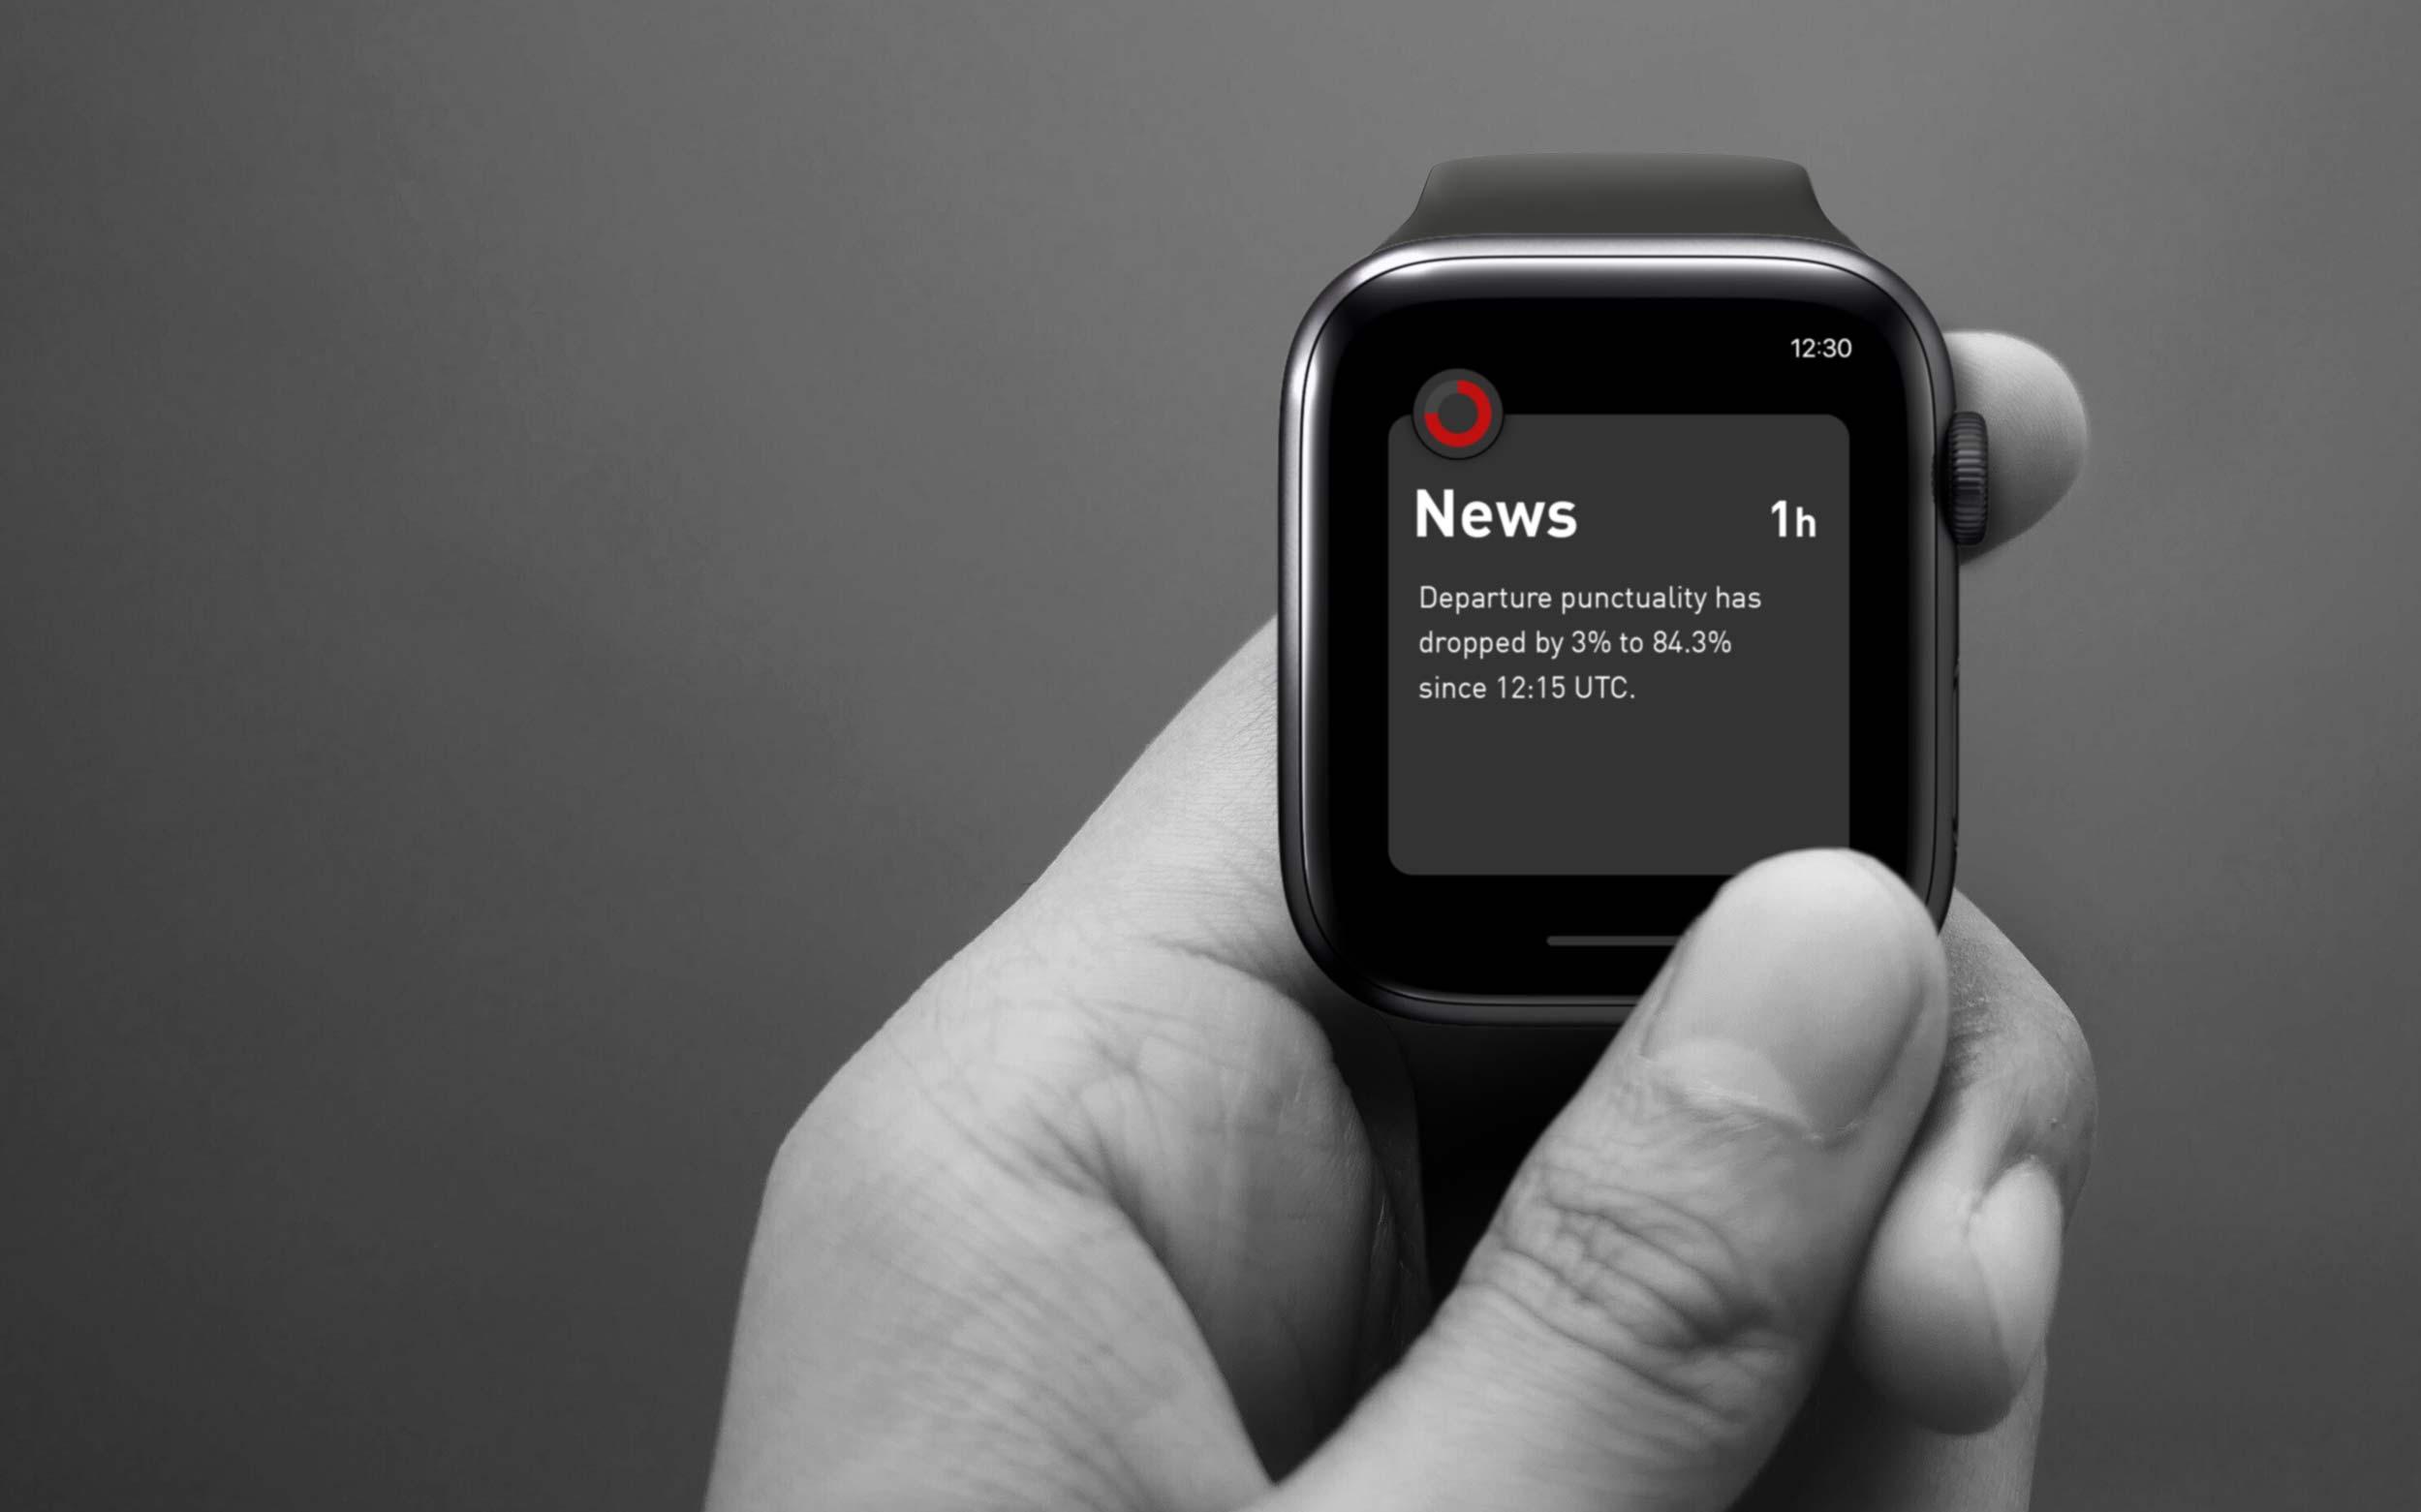 //www.id1.de/wp-content/uploads/2020/09/apple-watch.jpg